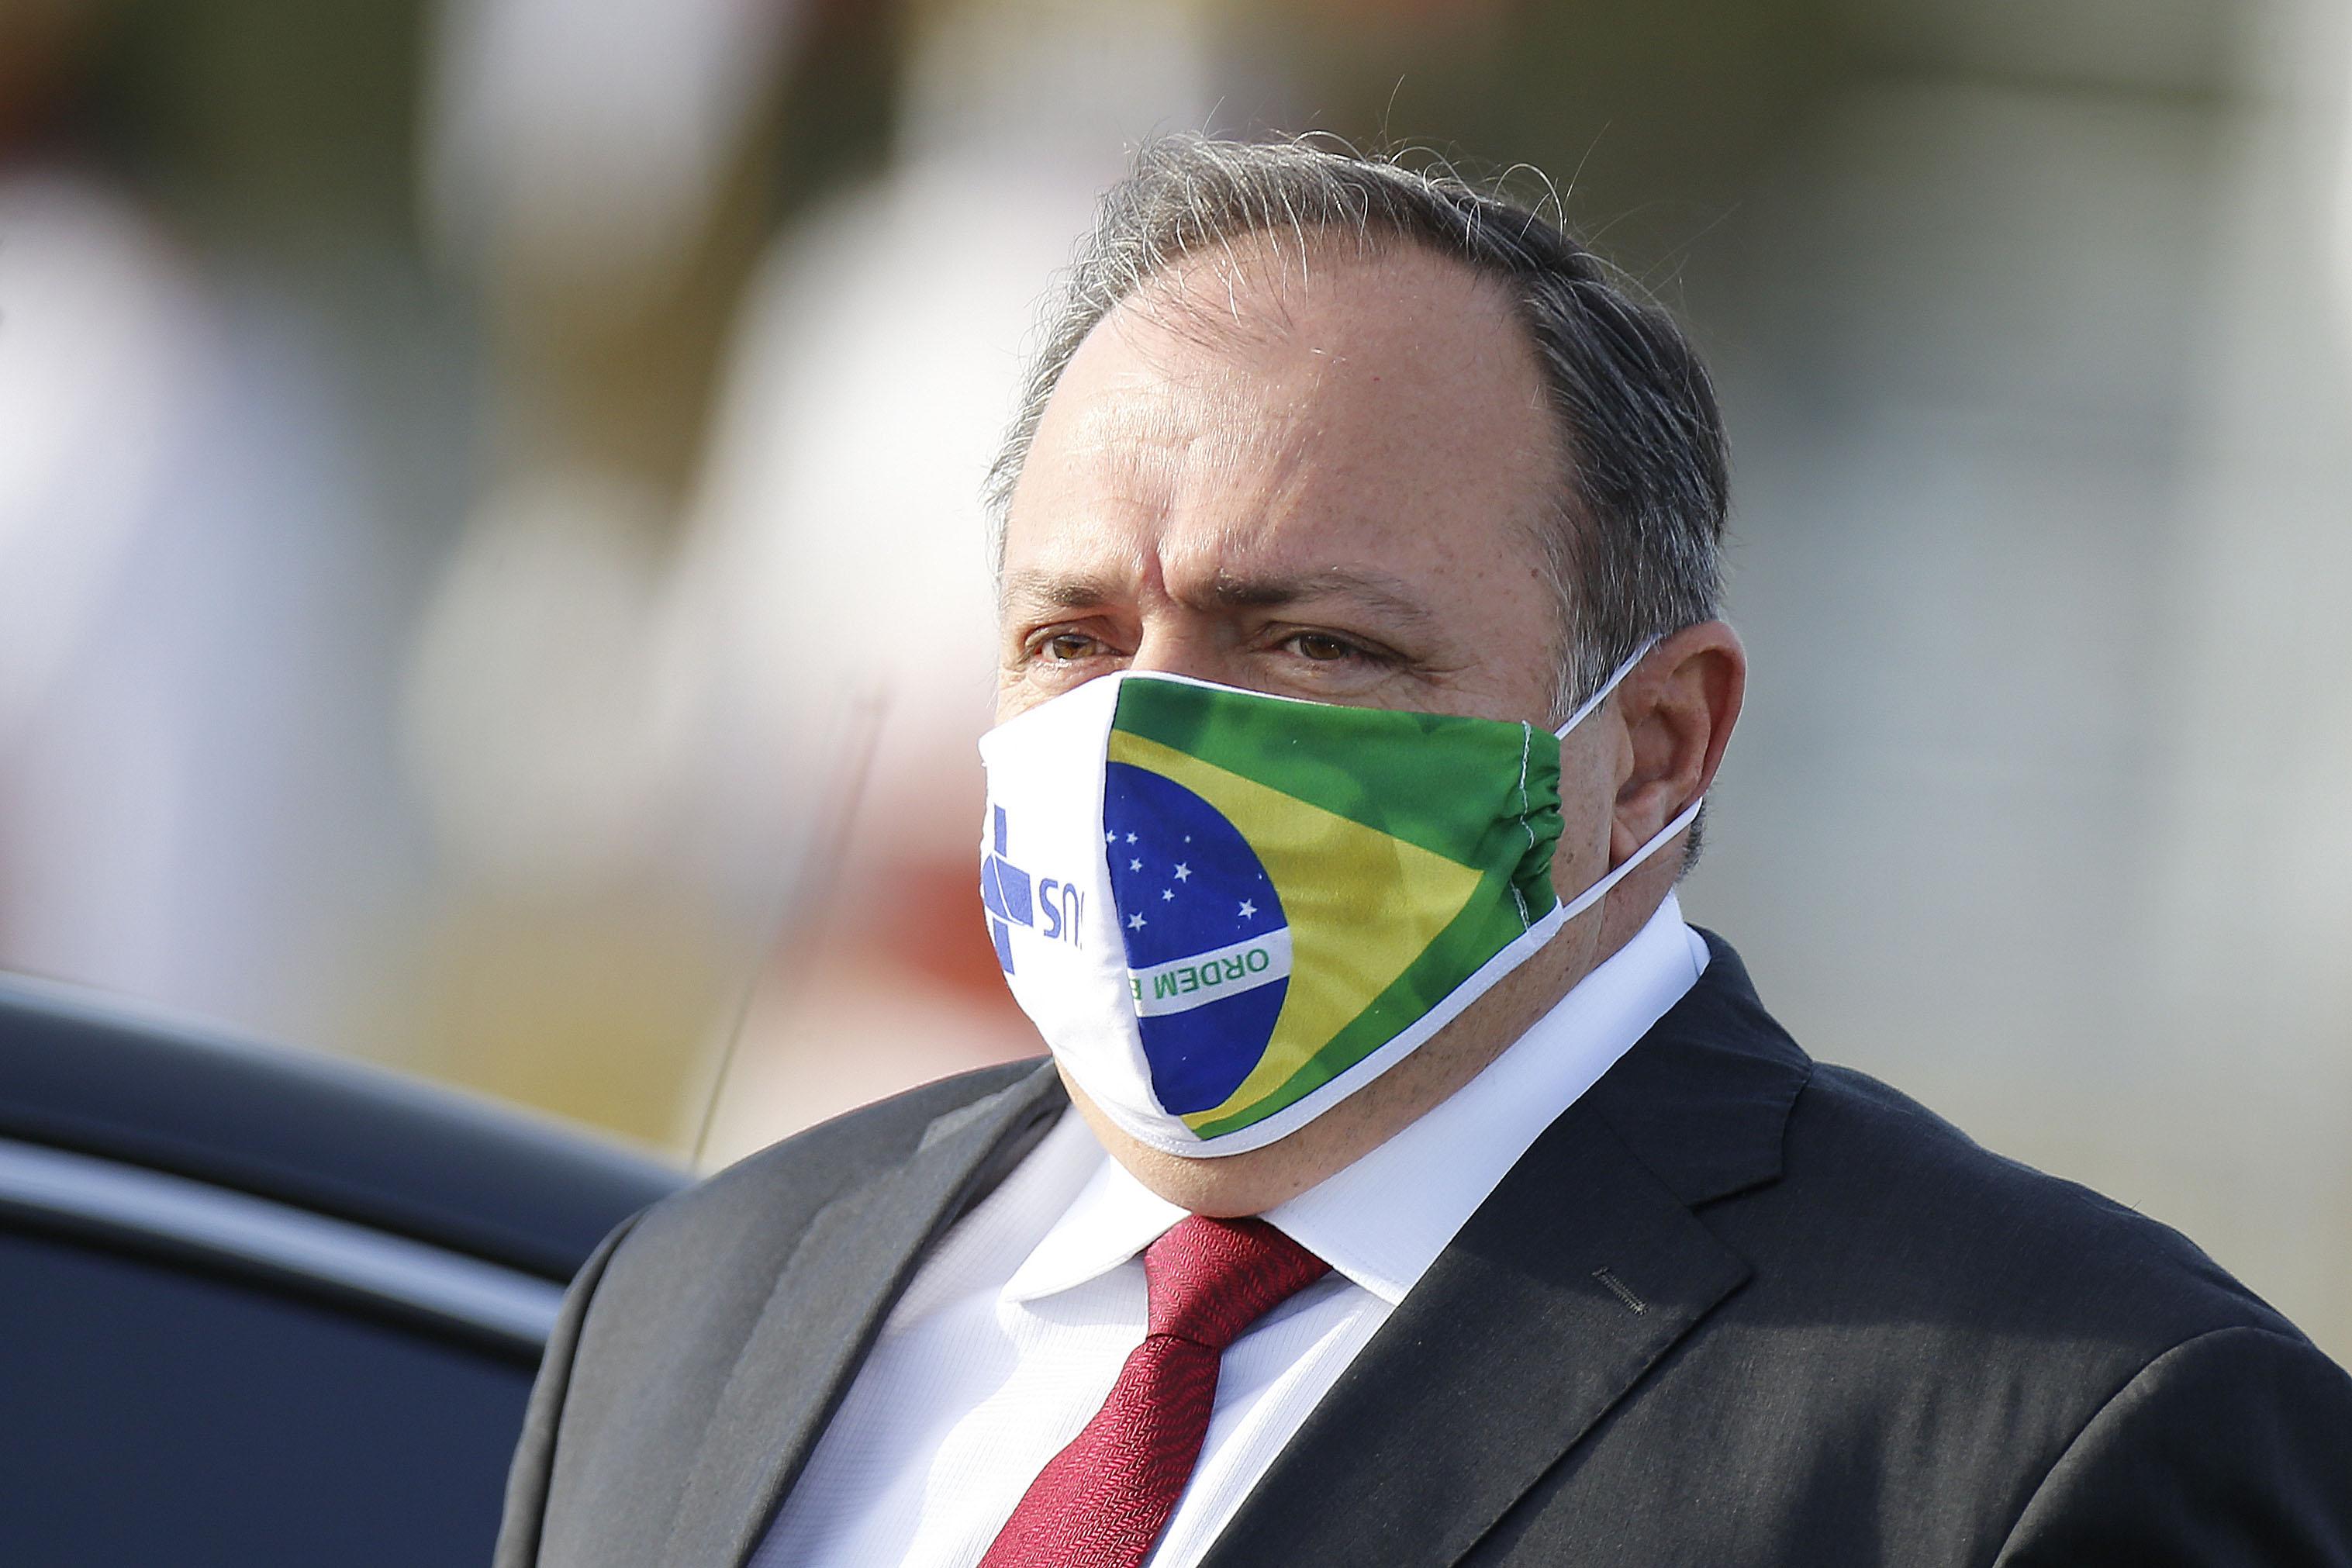 IMAGEM: Brasil está 8 anos atrás na pesquisa sobre genoma, diz Pazuello